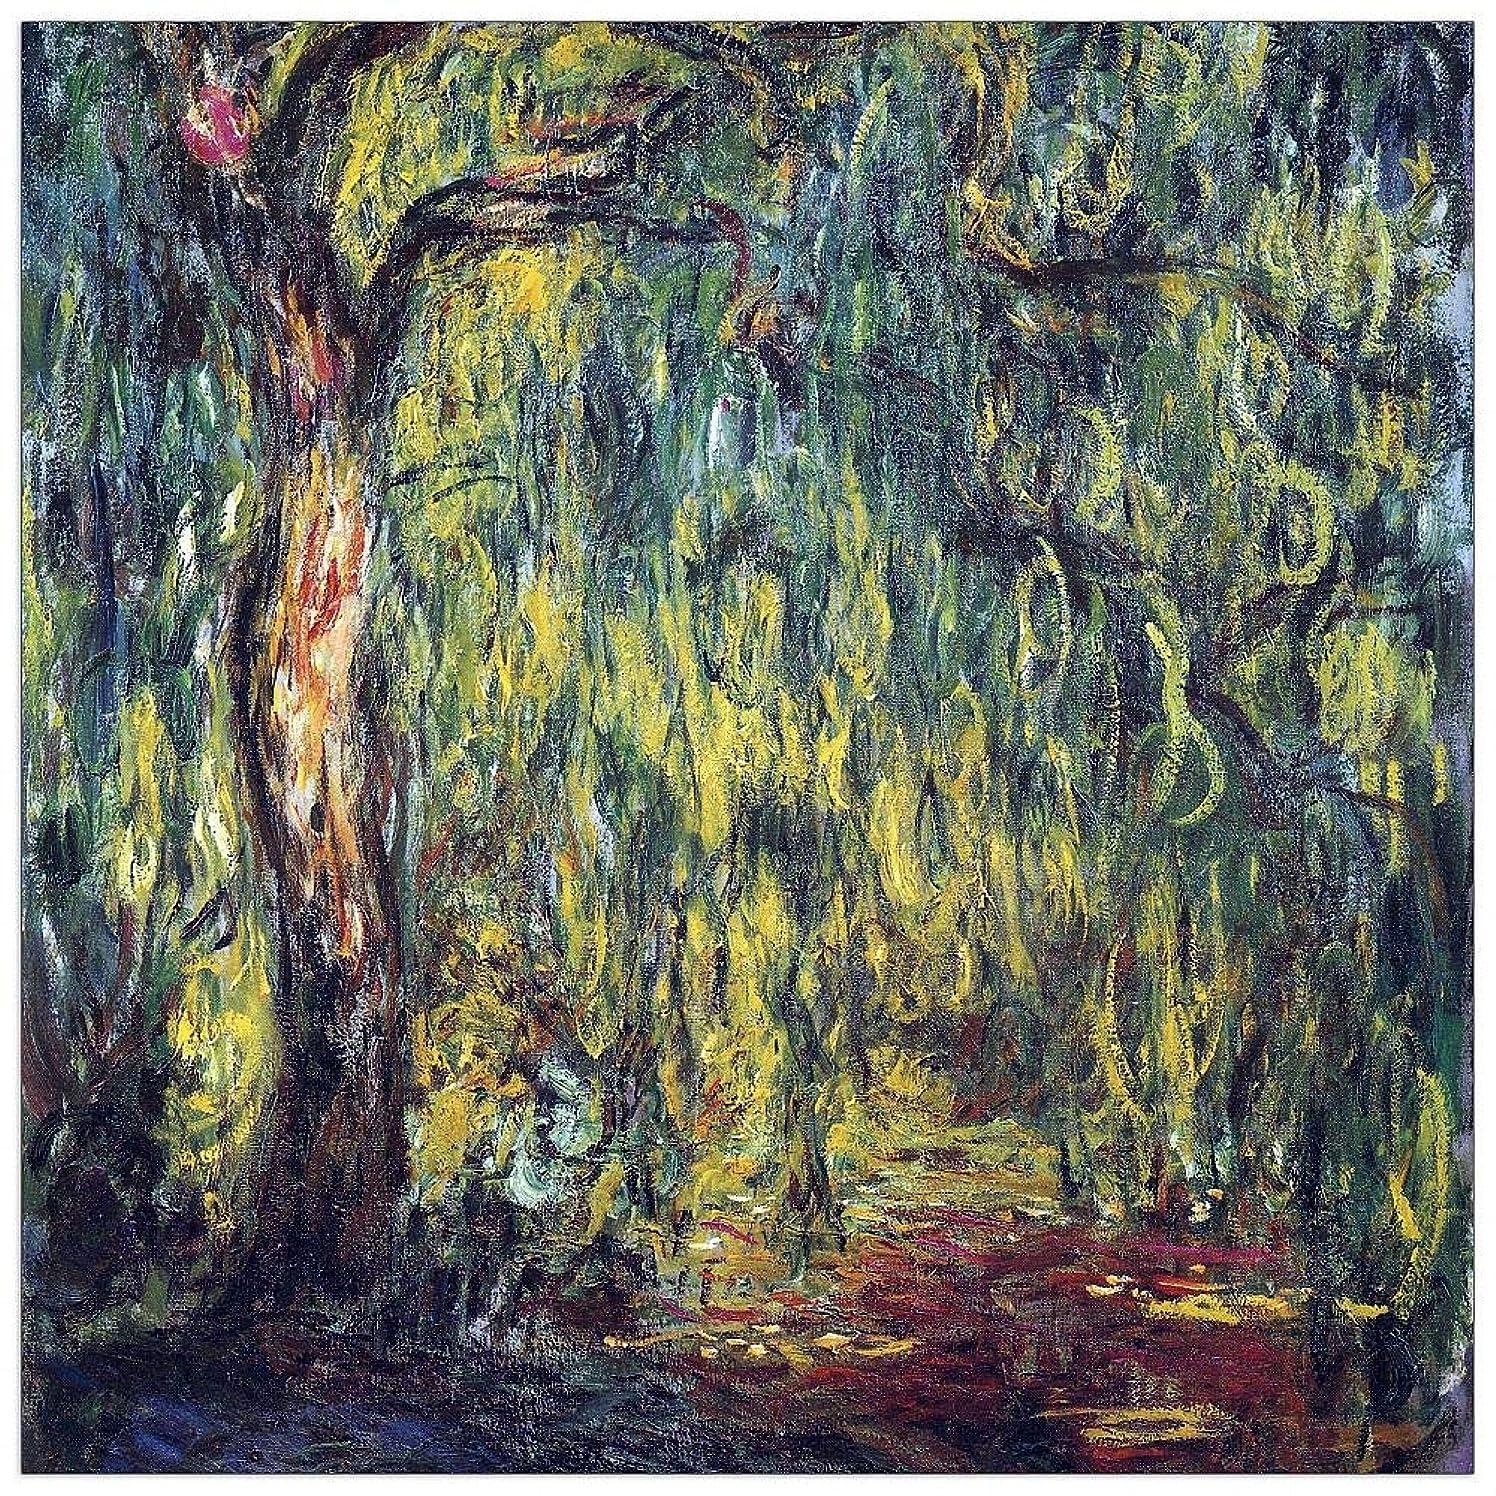 ArtPlaza TW91811 Monet Claude - Landscape Decorative Panel 23.5x23.5 Inch Multicolored